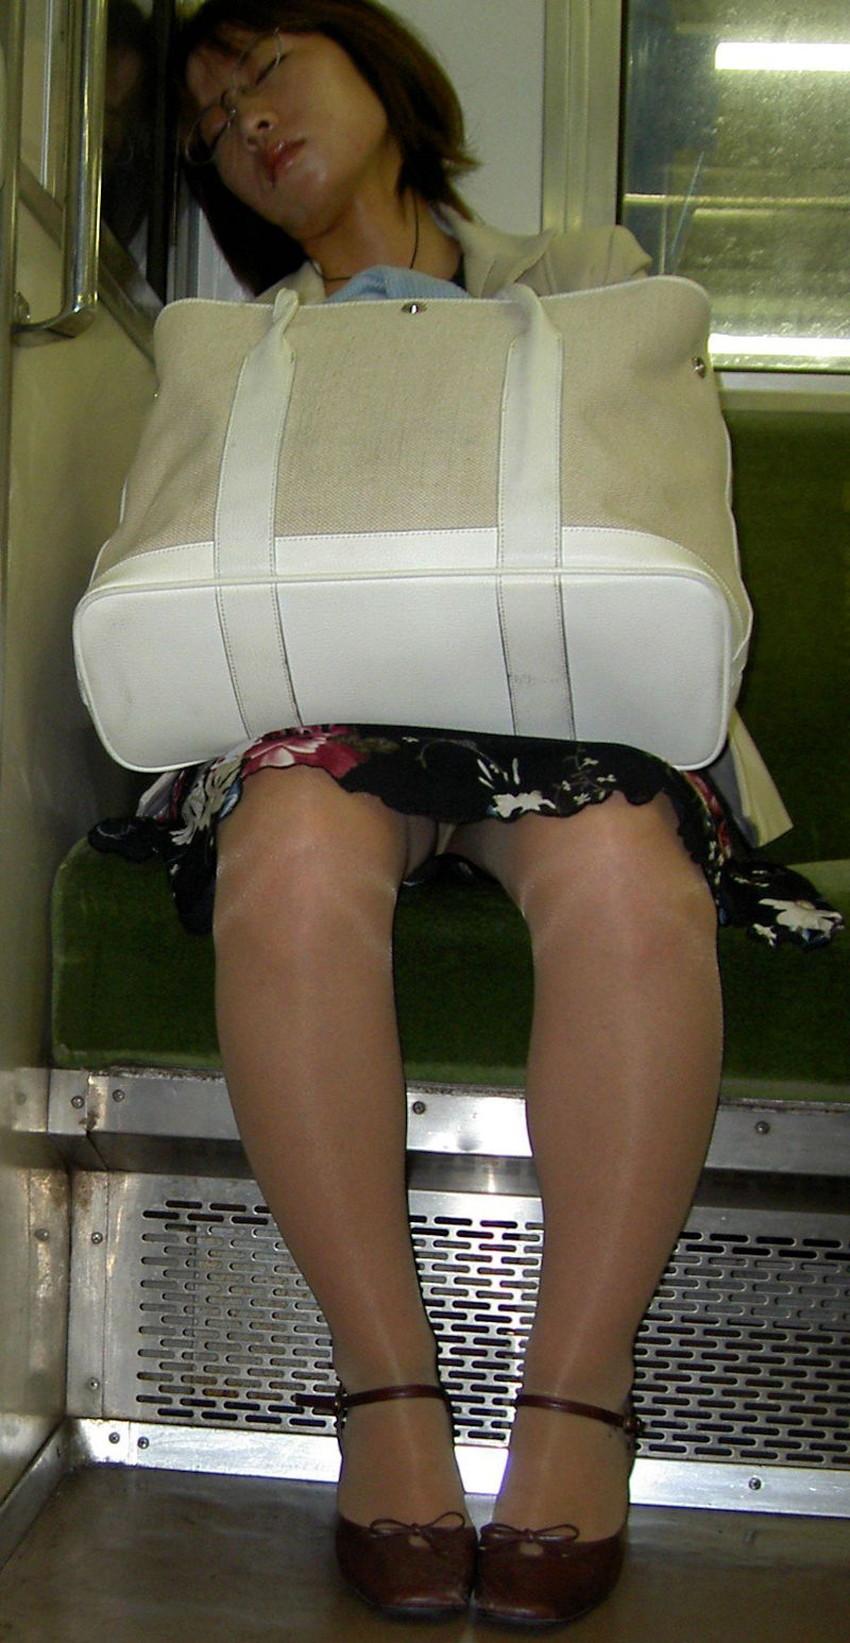 【居眠りパンチラエロ画像】居眠りOLが電車内でお股ユルユル!ww居眠り美女の無防備なパンチラを盗撮した居眠りパンチラのエロ画像集!ww【80枚】 73